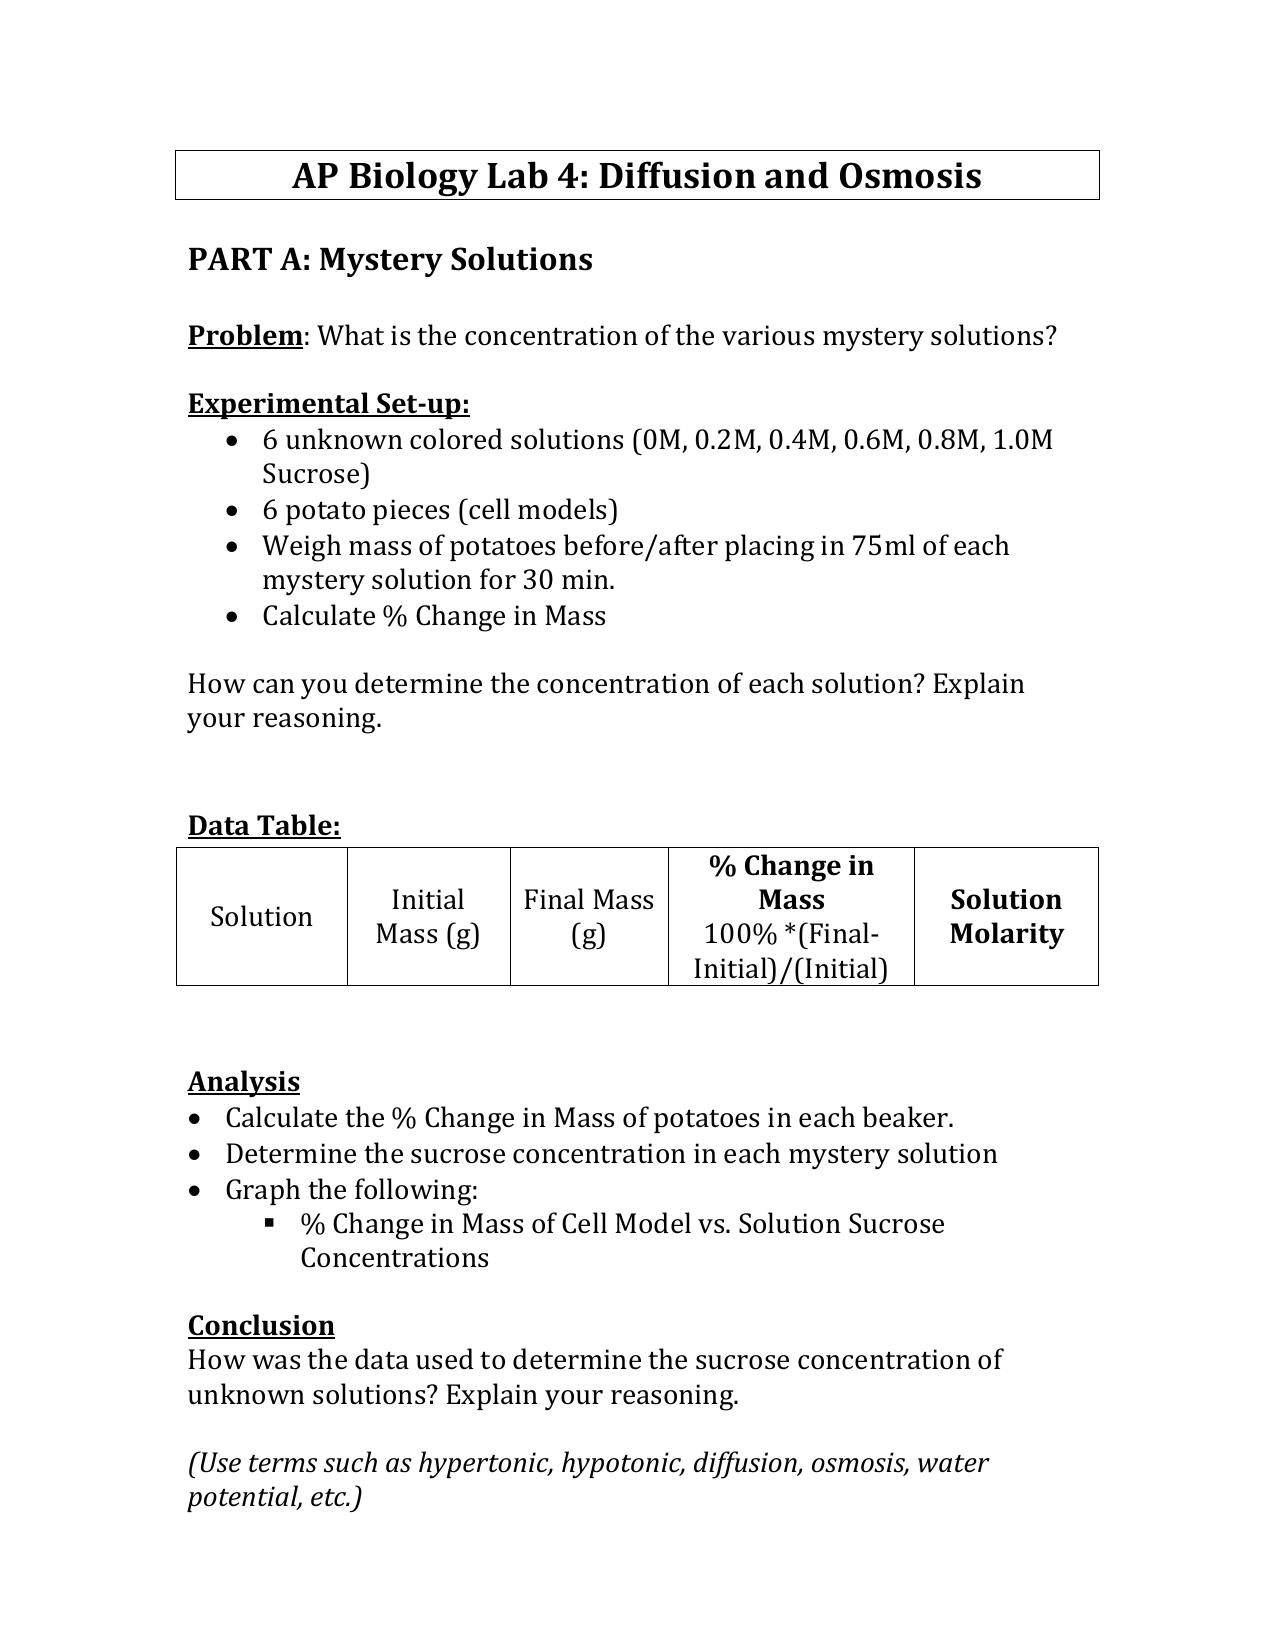 worksheet Diffusion And Osmosis Worksheet Key ap biology lab 4 diffusion and osmosis